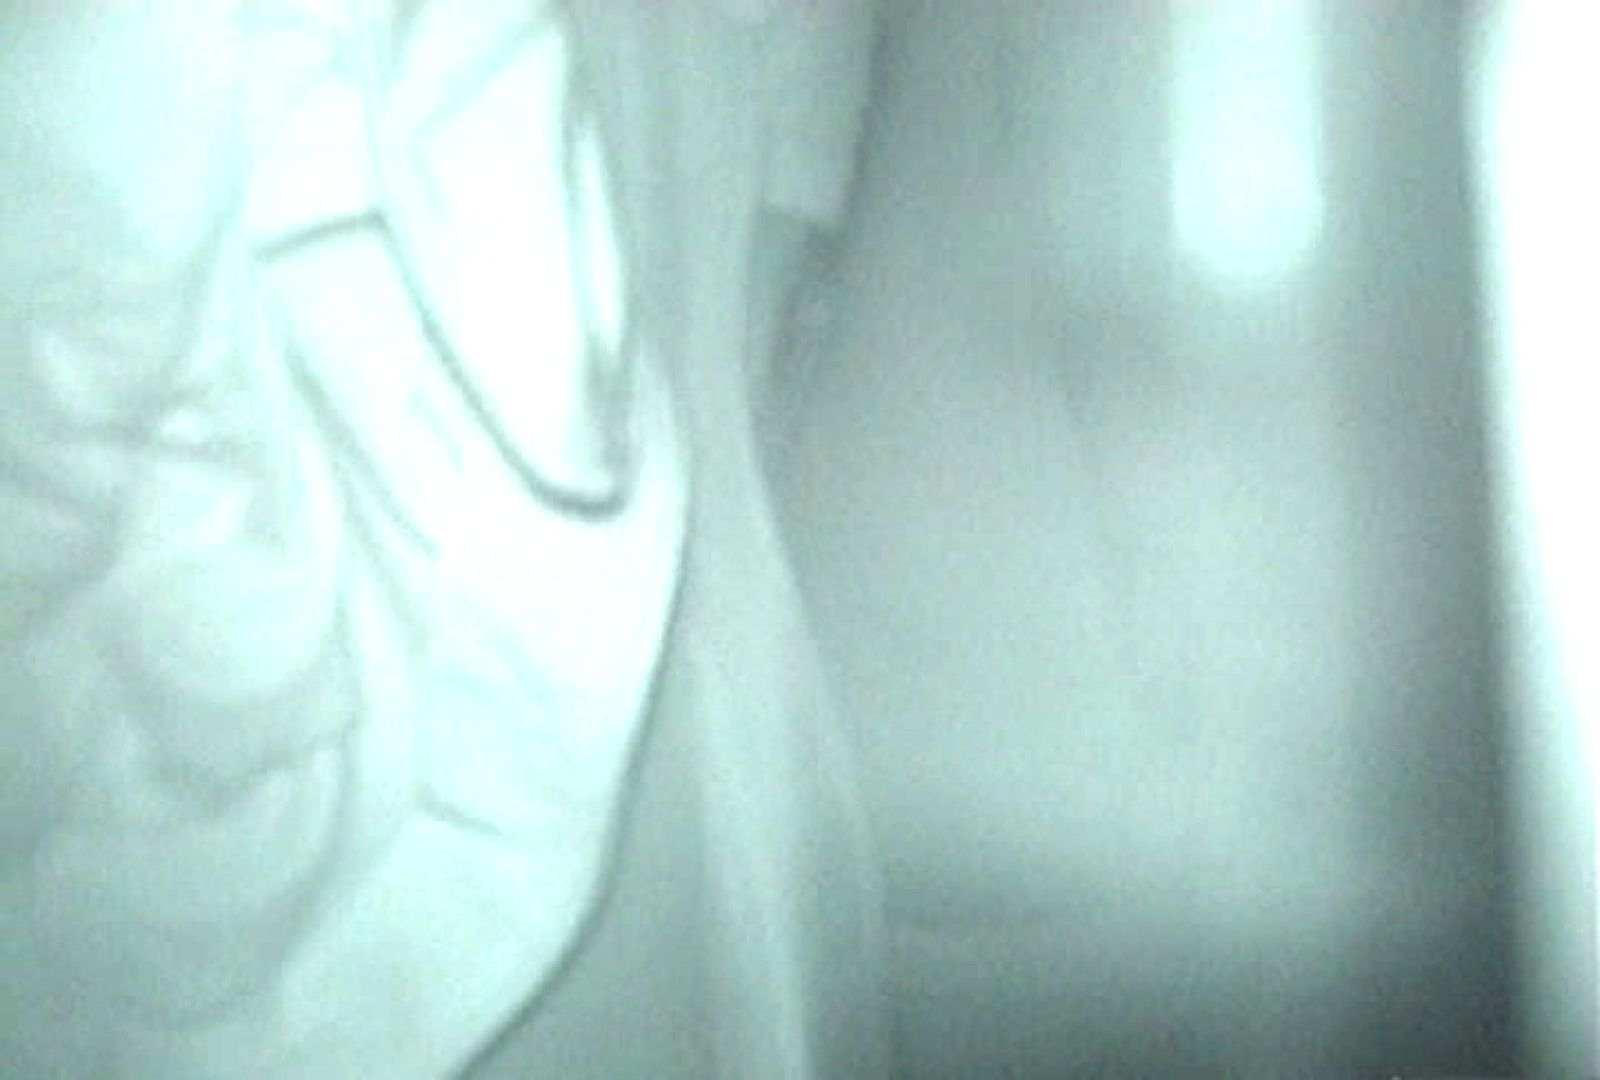 「充血監督」さんの深夜の運動会!! vol.046 素人特集 | セックス  79画像 61